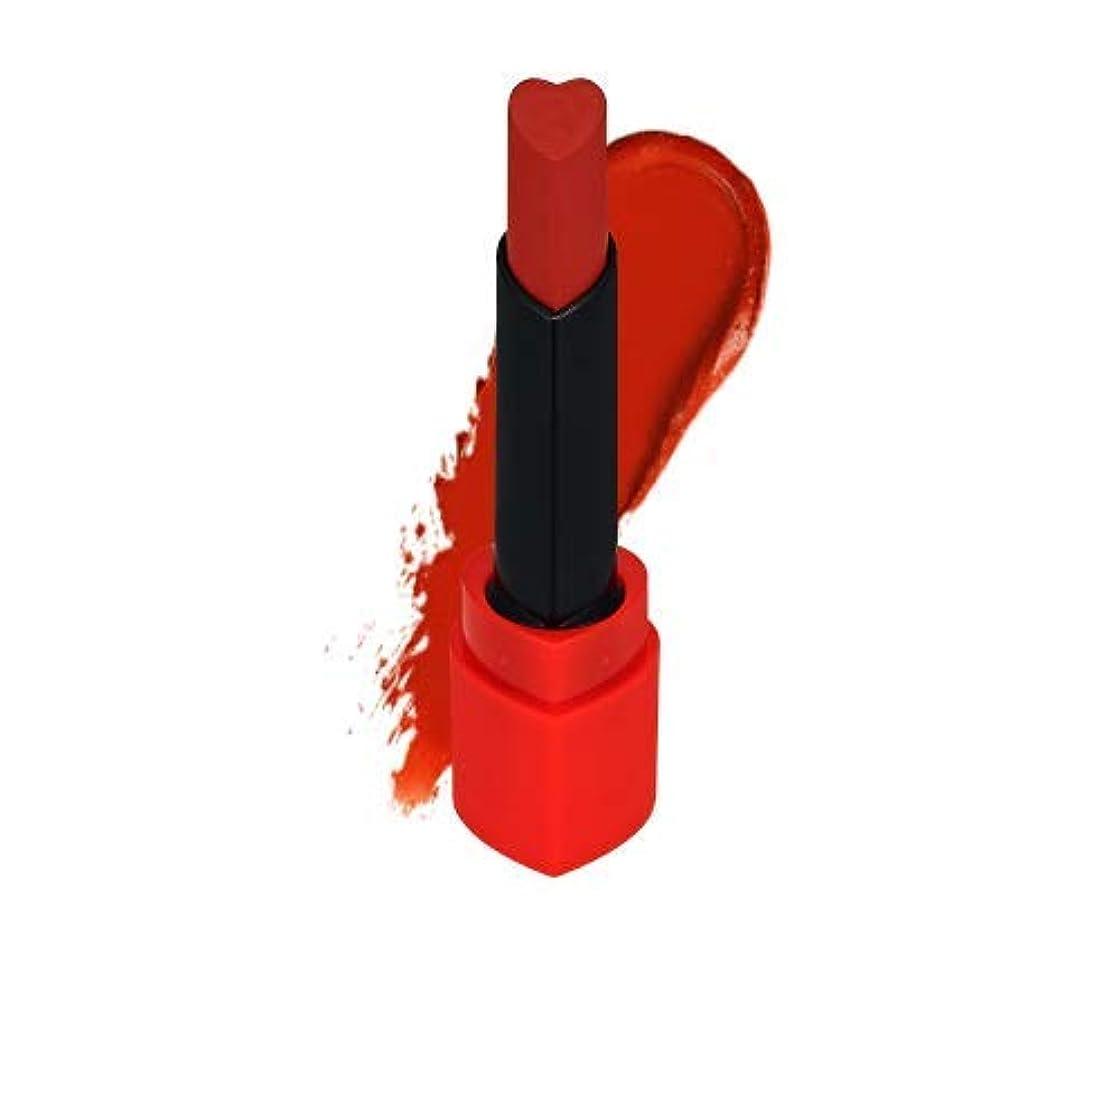 ホリカホリカ ハートクラッシュ?ベルベット?リップスティック HOLIKA HOLIKA Heart Crush Velvet Lipstick 1.8g (# BE01 SOMKED TOAST) [並行輸入品]